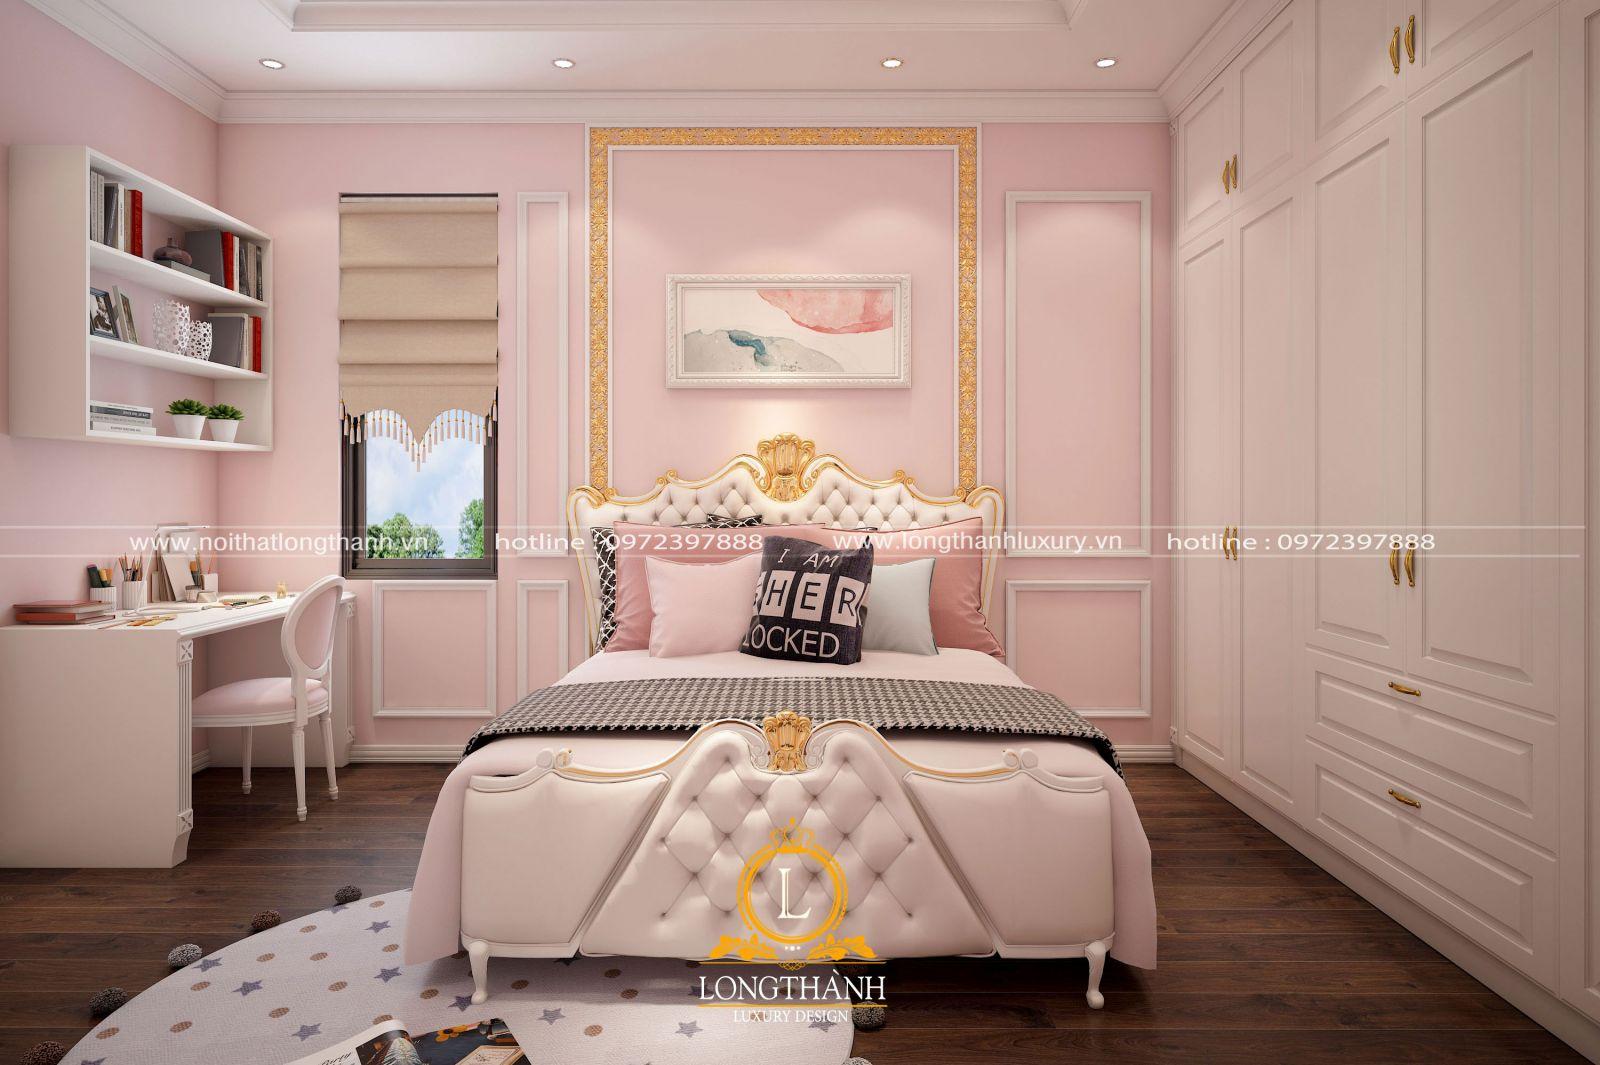 Phòng ngủ với tone màu hồng nhạt dàng cho bé gái